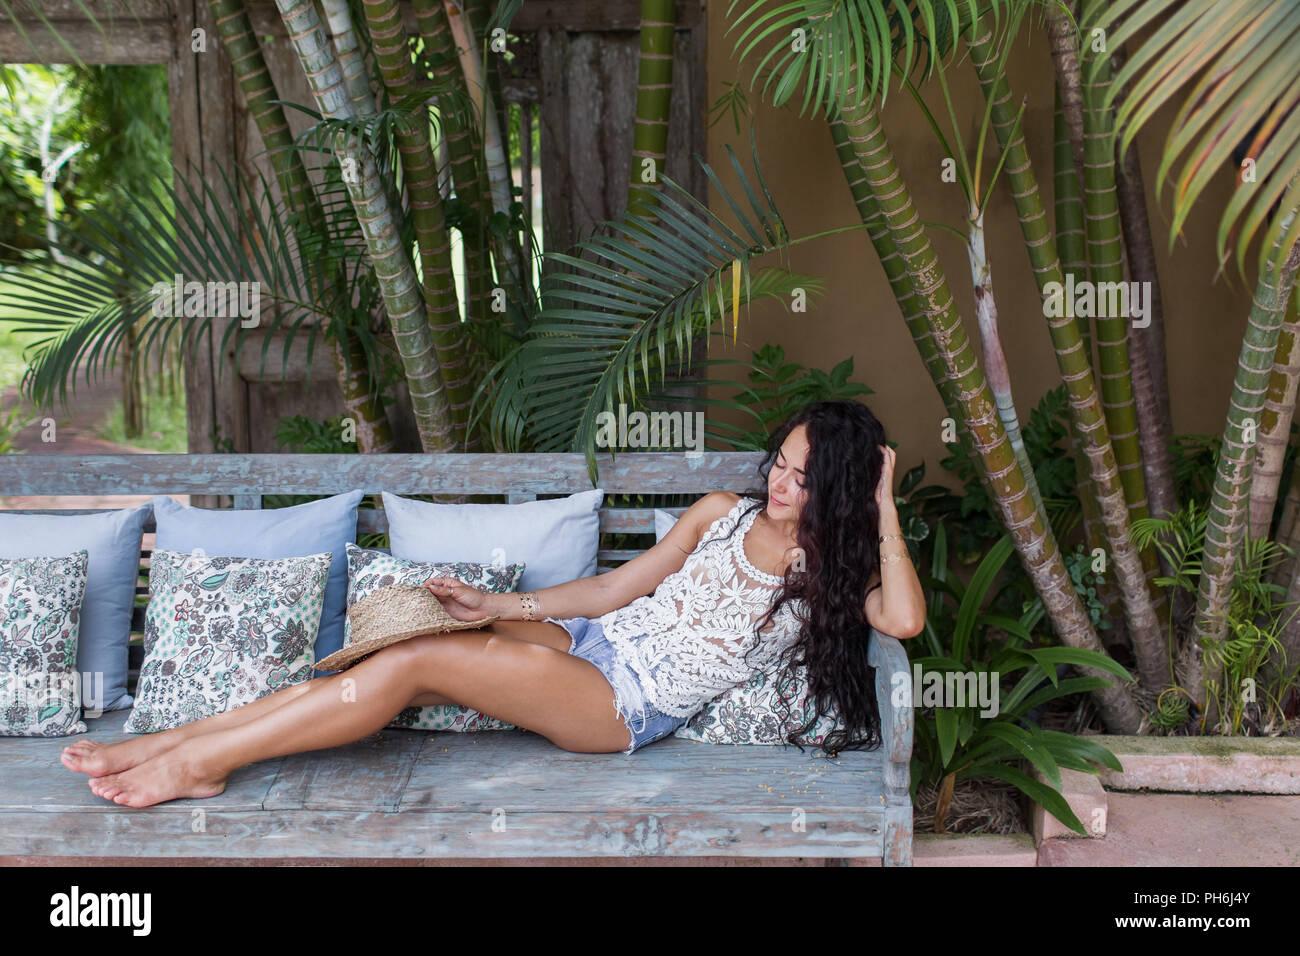 Schöne junge Frau mit langen schwarzen Haaren entspannt auf einem Sofa mit Strohhut Stockbild